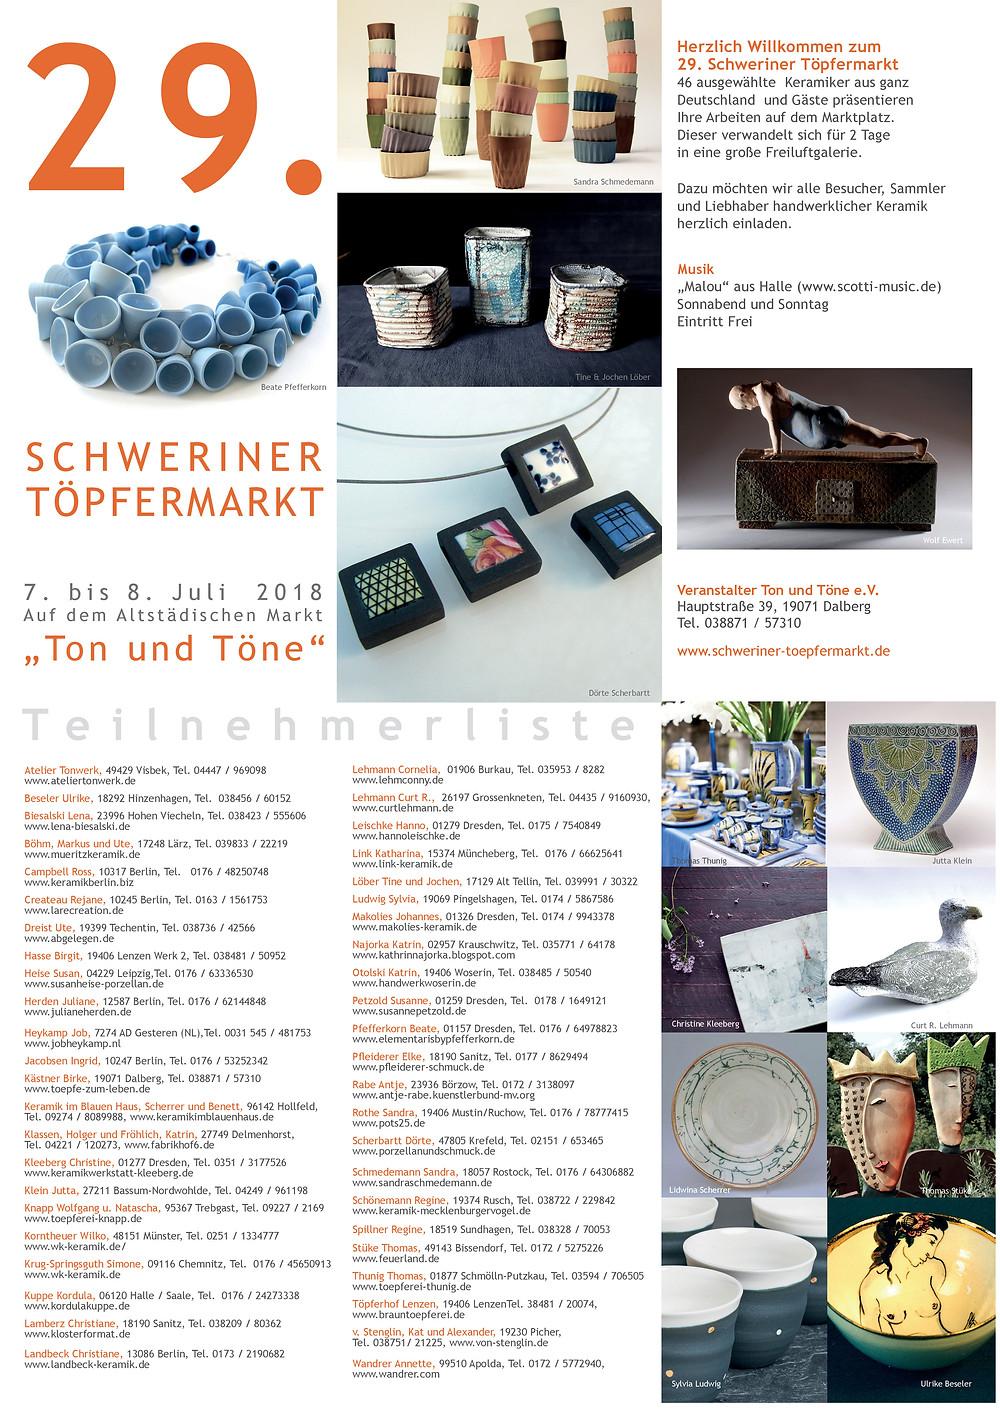 Schweriner Töpfermarkt2